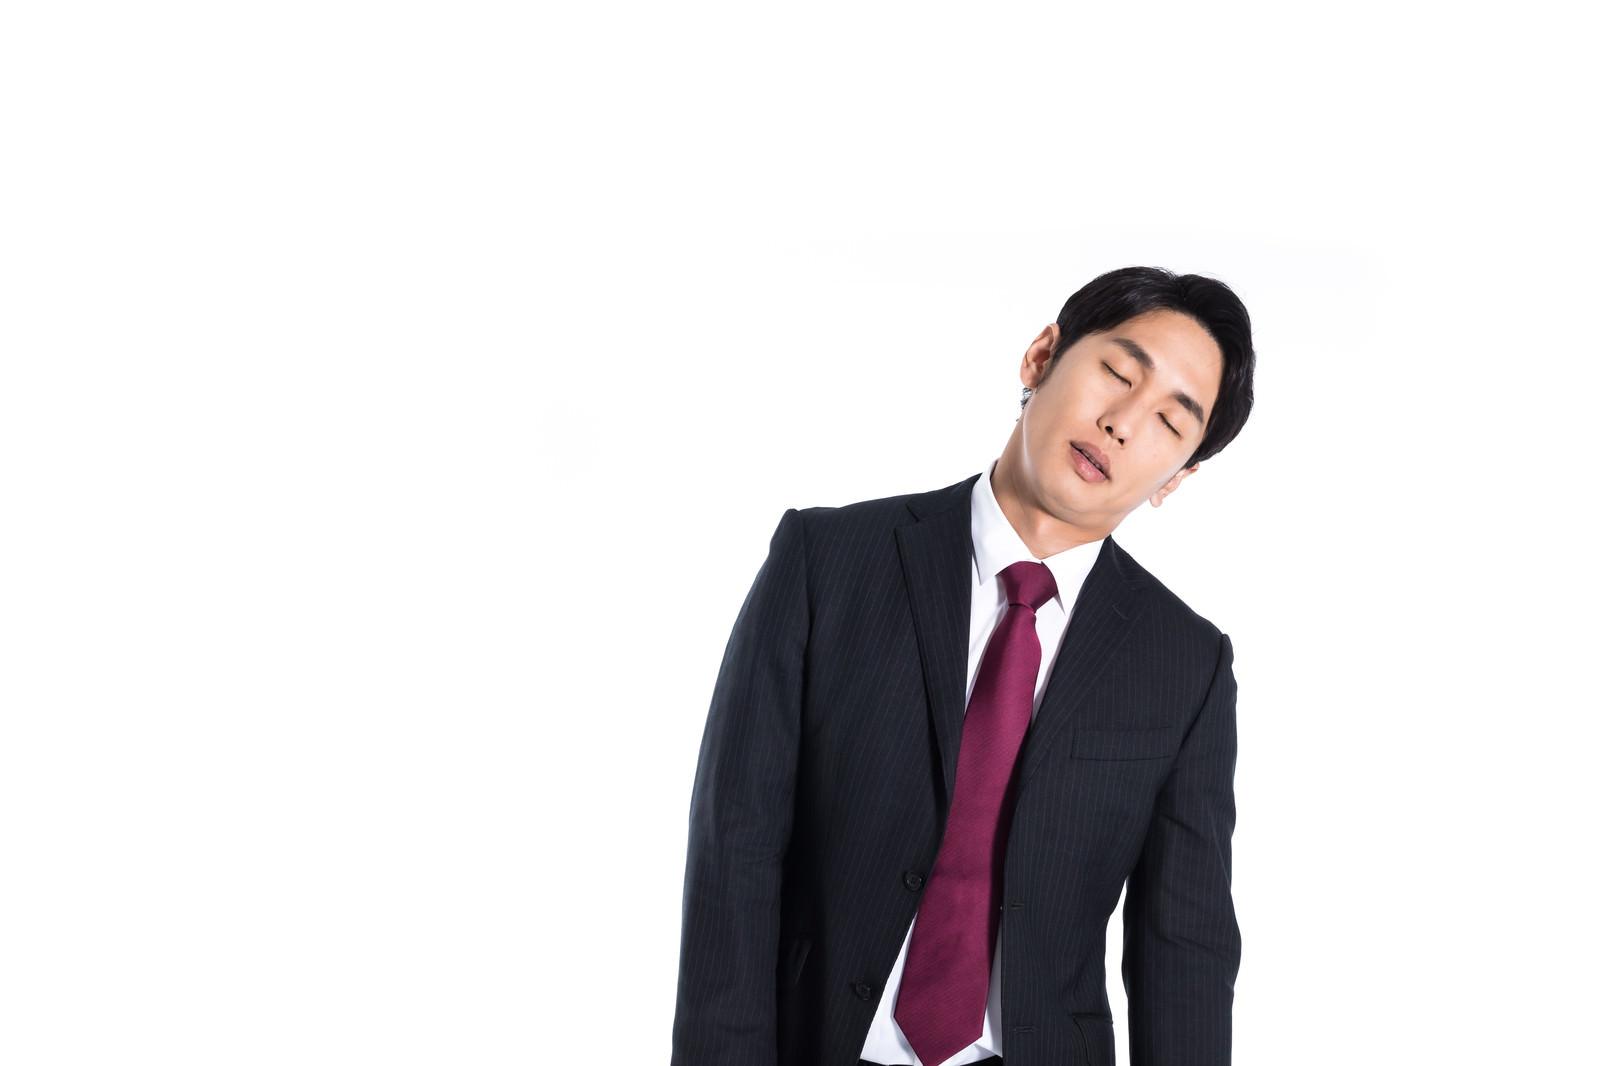 「披露コンパイルで立ったまま寝る会社員」の写真[モデル:大川竜弥]